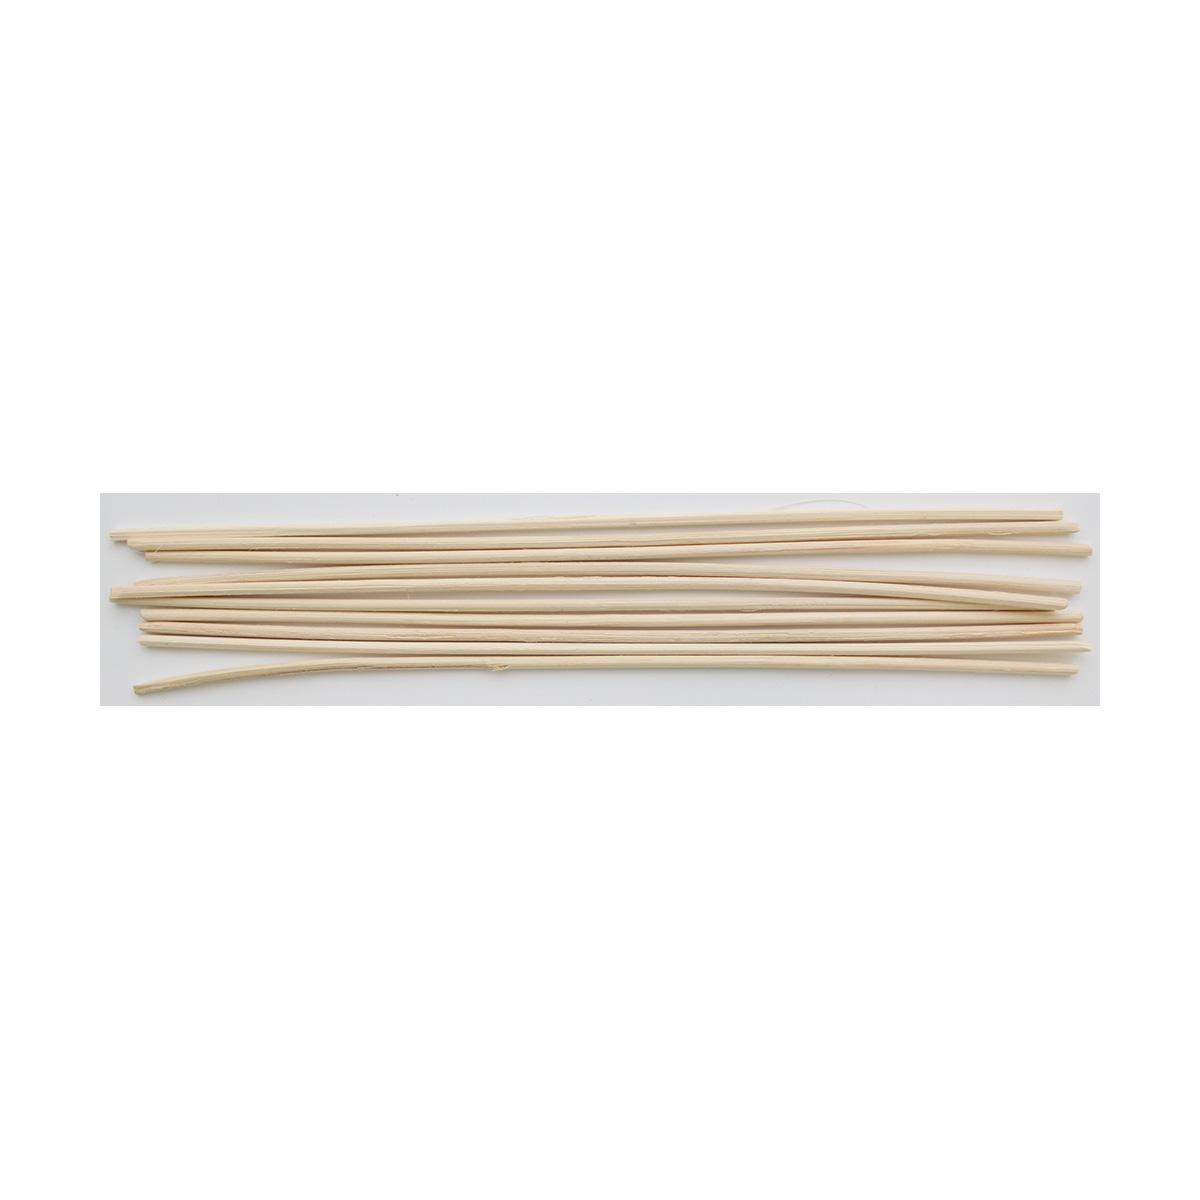 Декоративный элемент Палочка прямая, 24 см, 10 шт7718323Декоративный элемент Палочка прямая, изготовленный из натурального дерева. Изделие можно также использовать в технике скрапбукинги многом другом. Длина палочки: 24 см. Количество в упаковке: 10 шт.